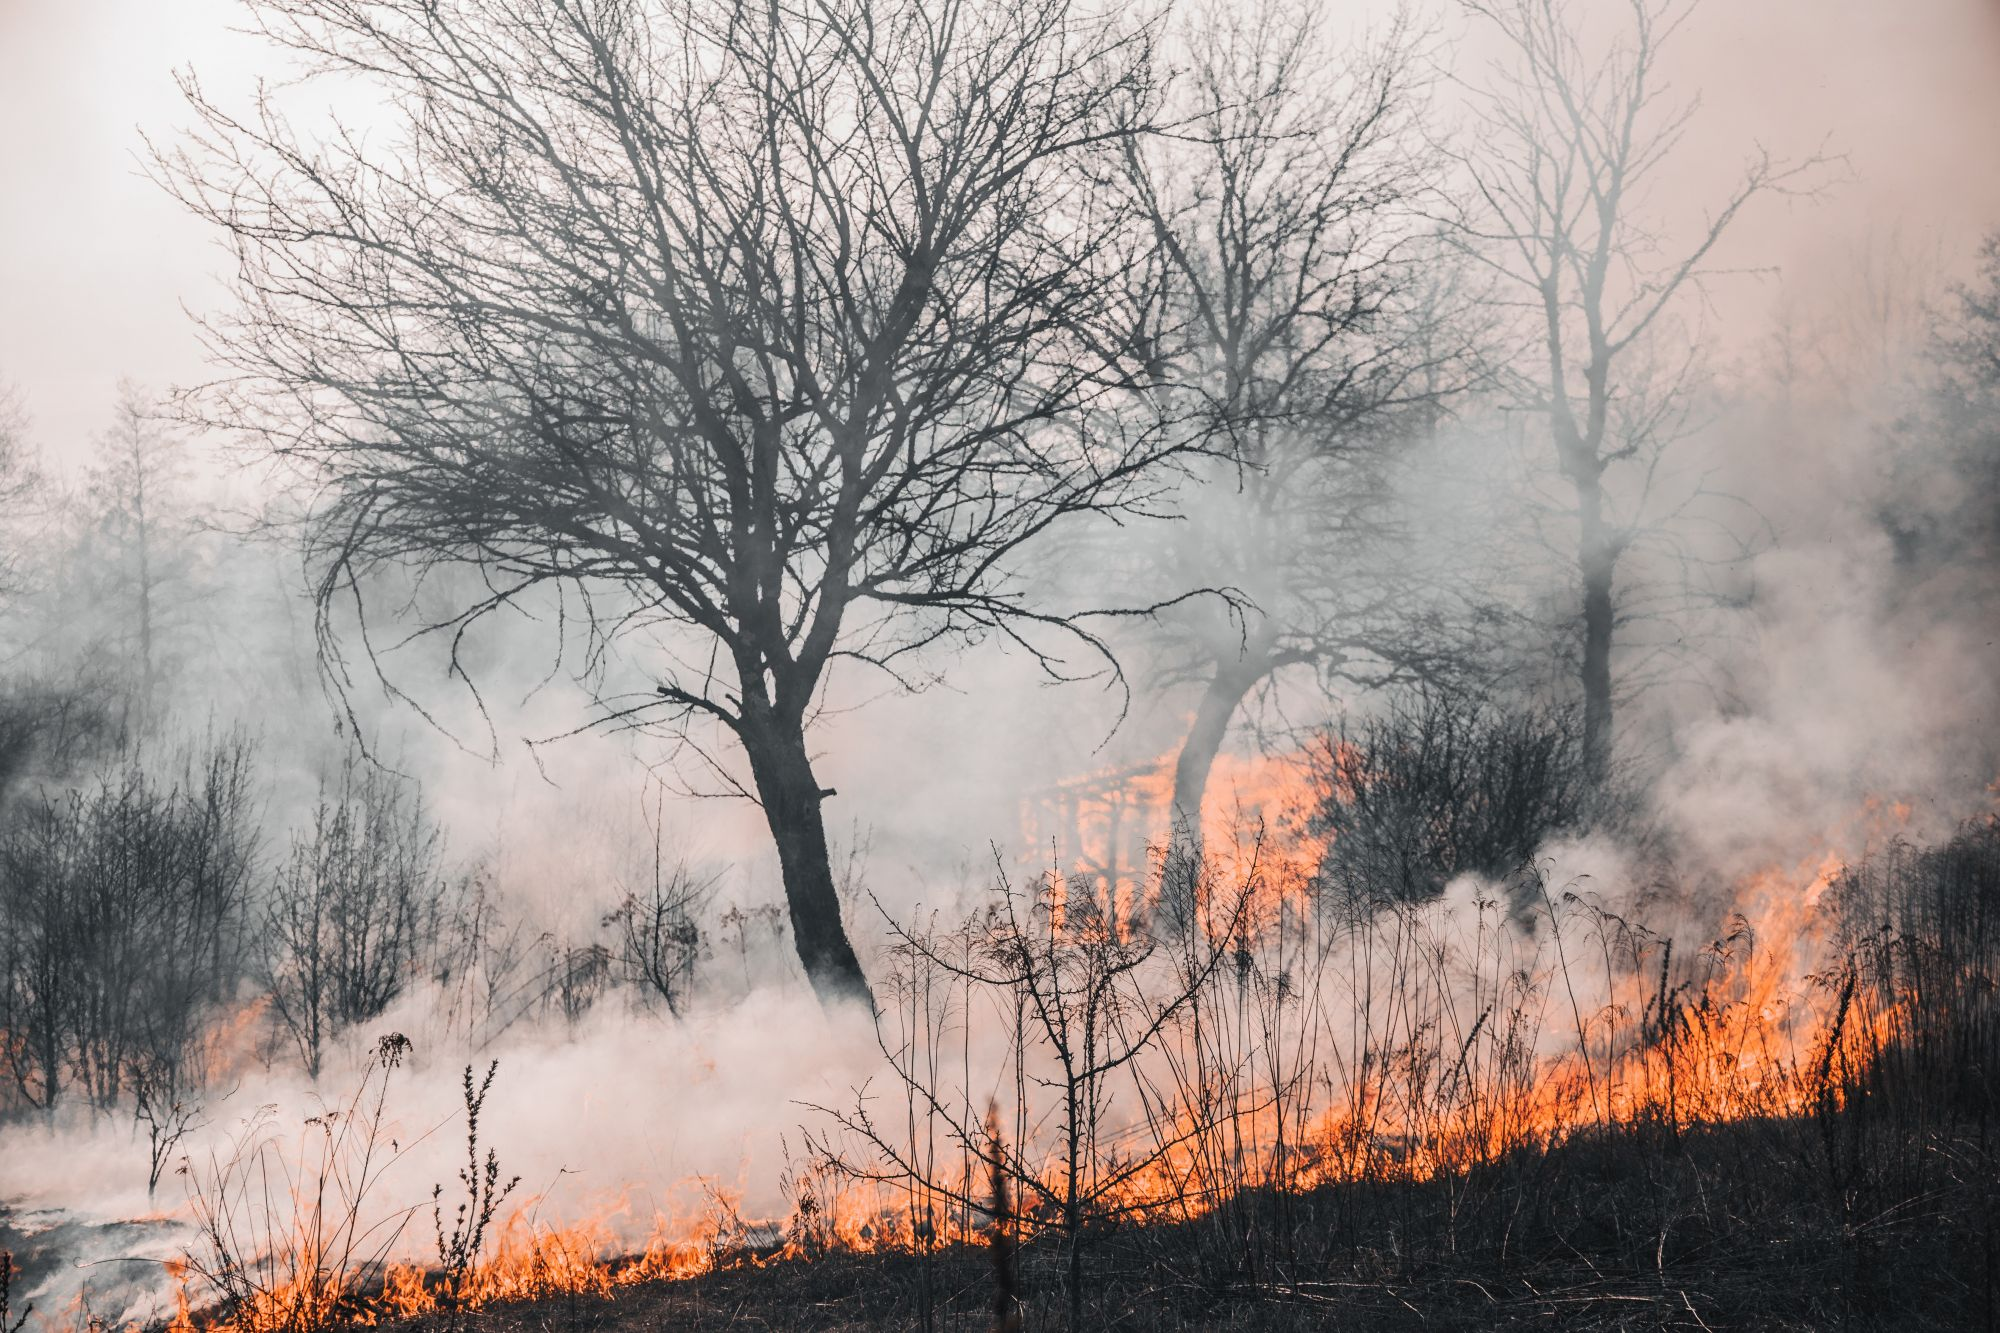 Hoe ben je goed verzekerd tegen bosbranden op vakantie?